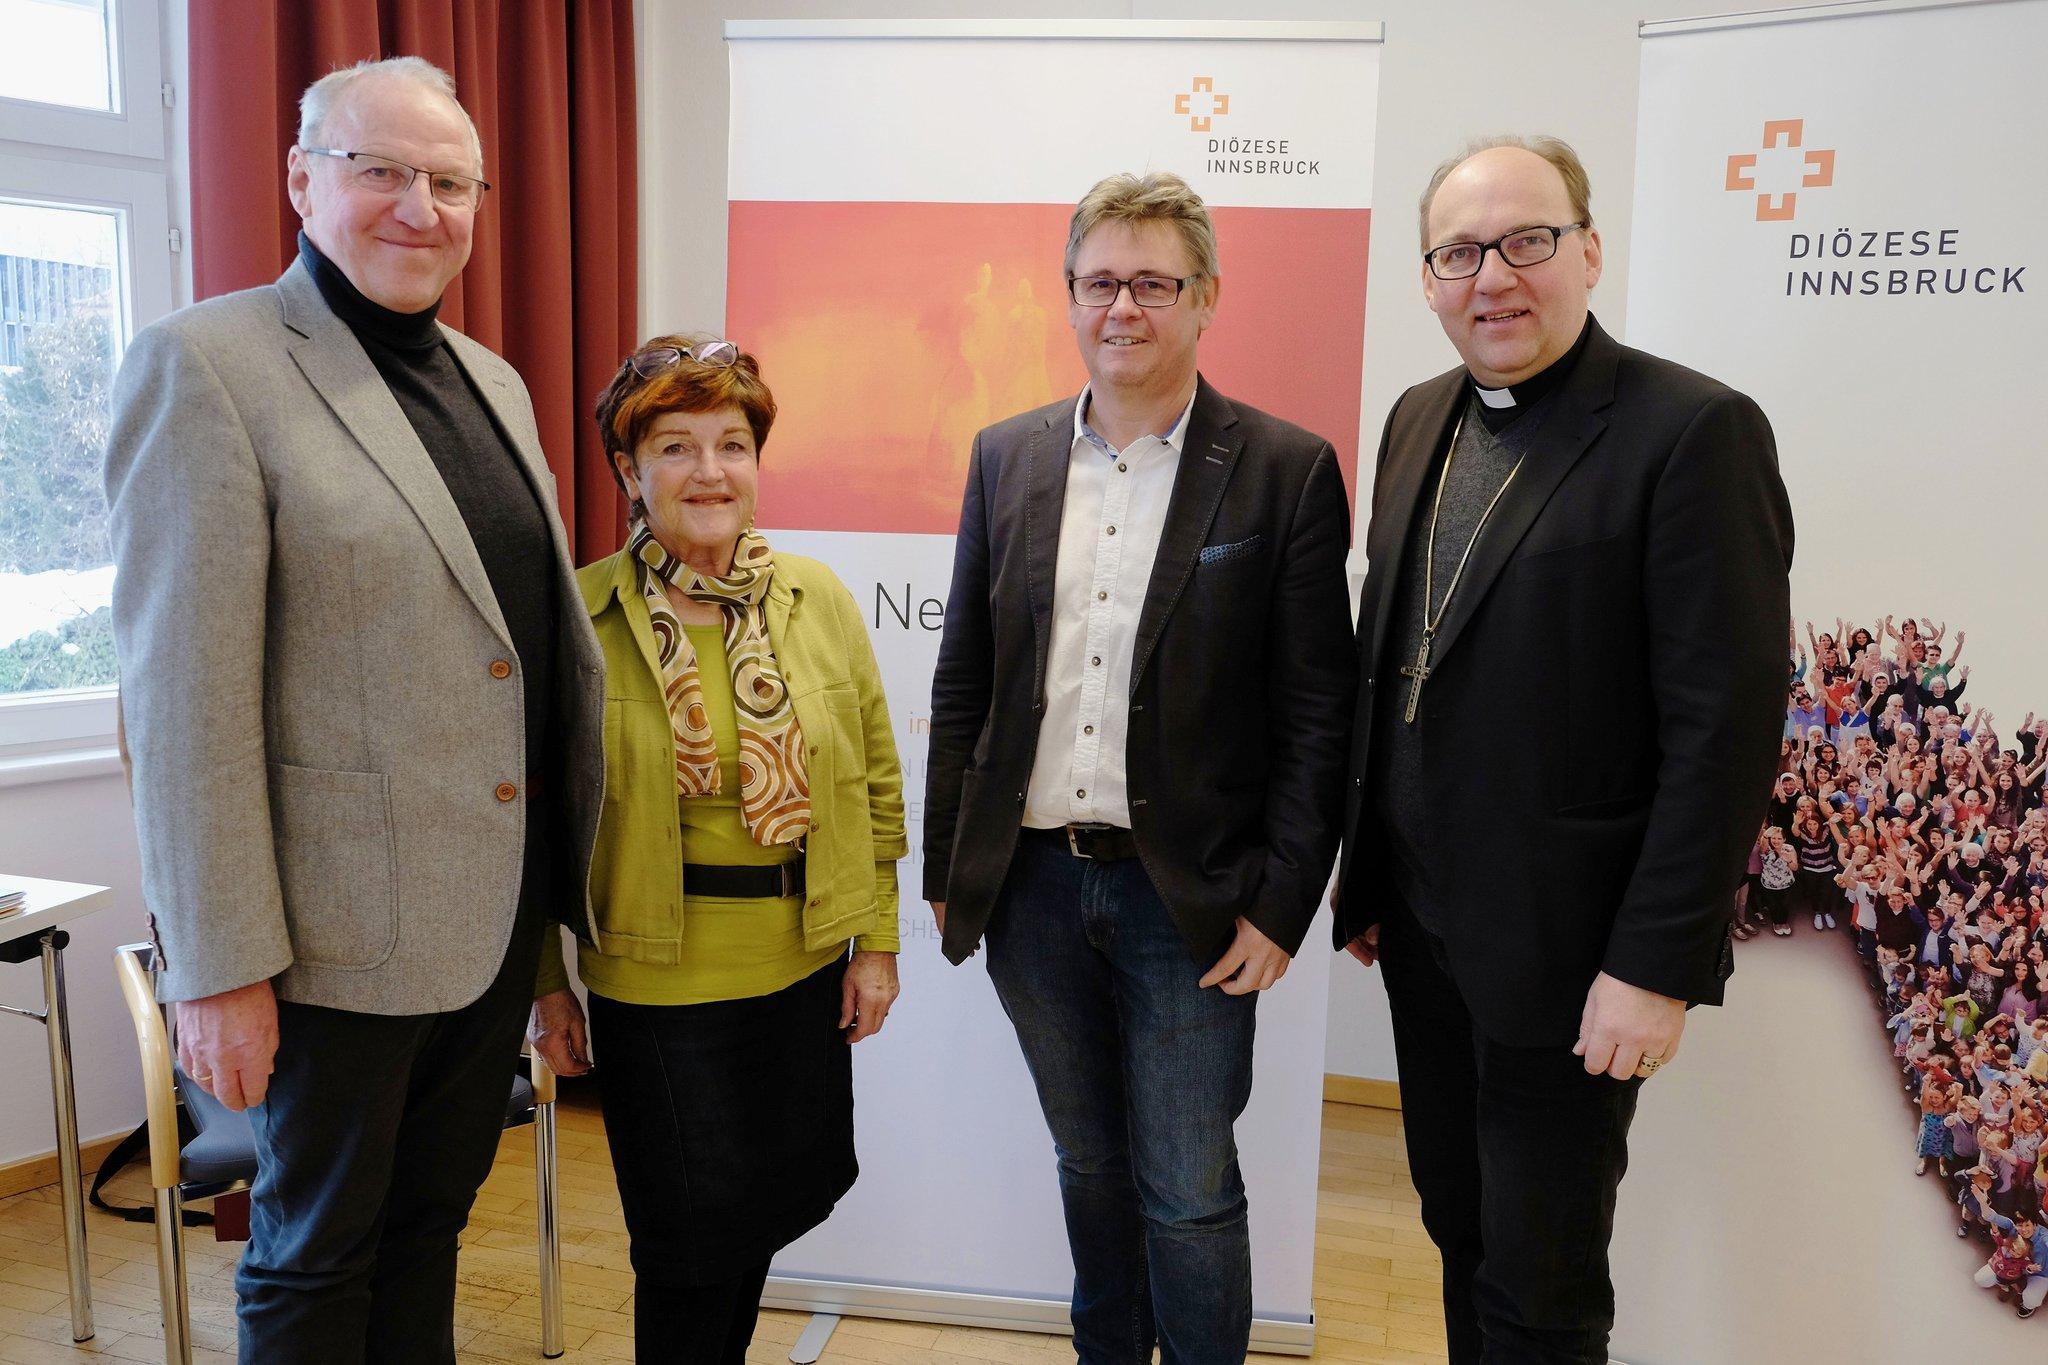 Freunde und Freizeitpartner Innsbruck - volunteeralert.com